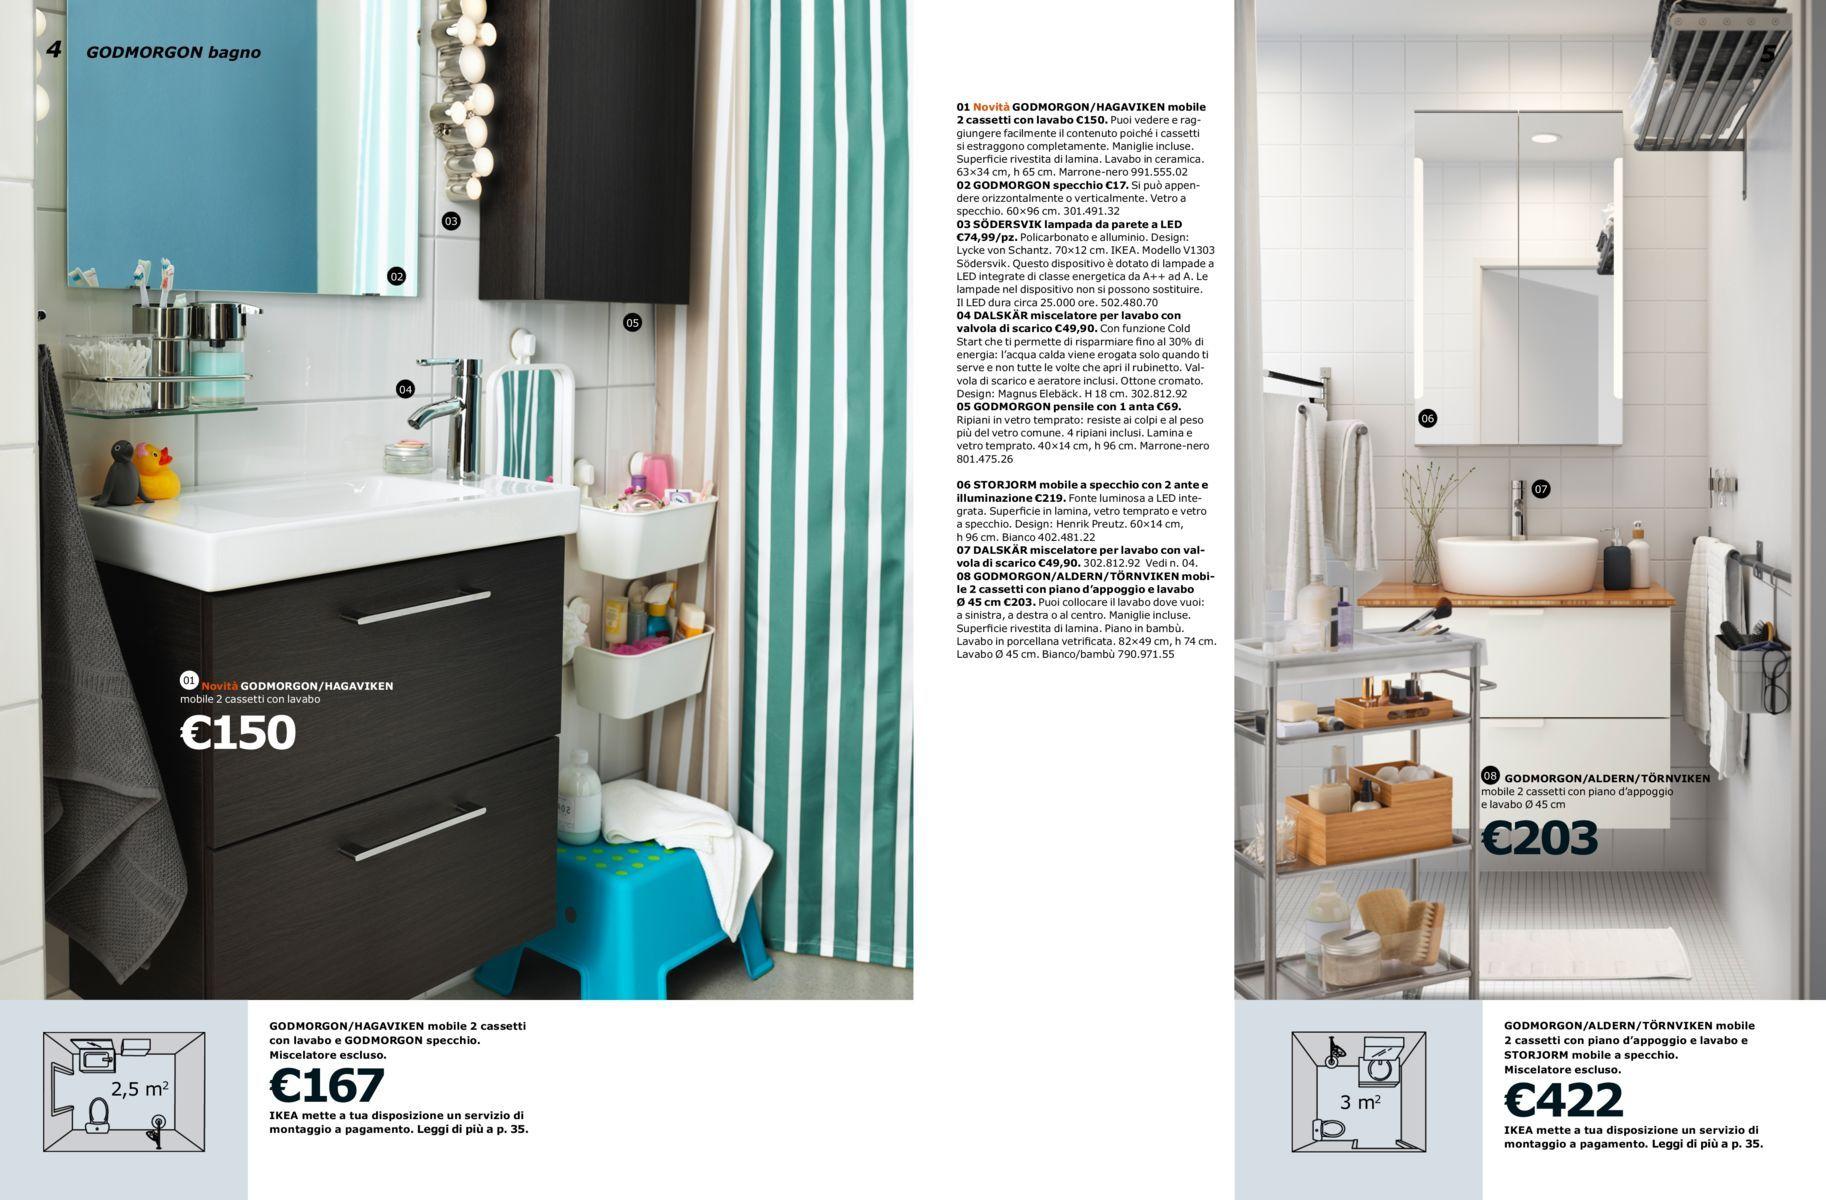 Ikea miscelatori bagno cheap ikea rubinetto cucina rubinetti le migliori idee di design per la - Miscelatori bagno ikea ...